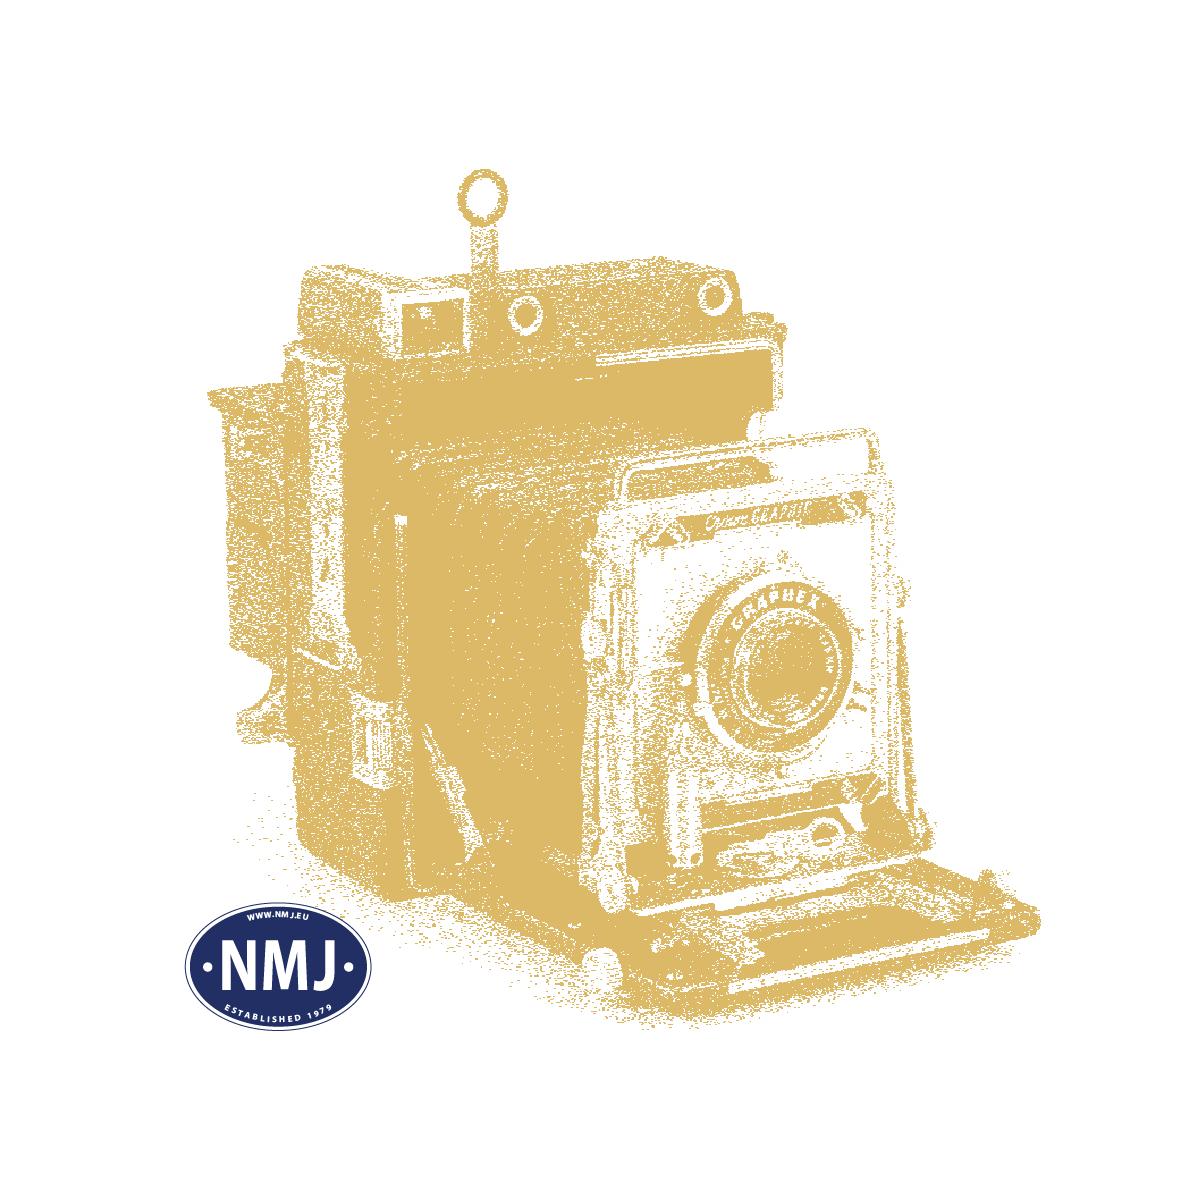 NMJT94003 - NMJ Topline SJ Y1 1308, Oransje, DCC m/ Lyd